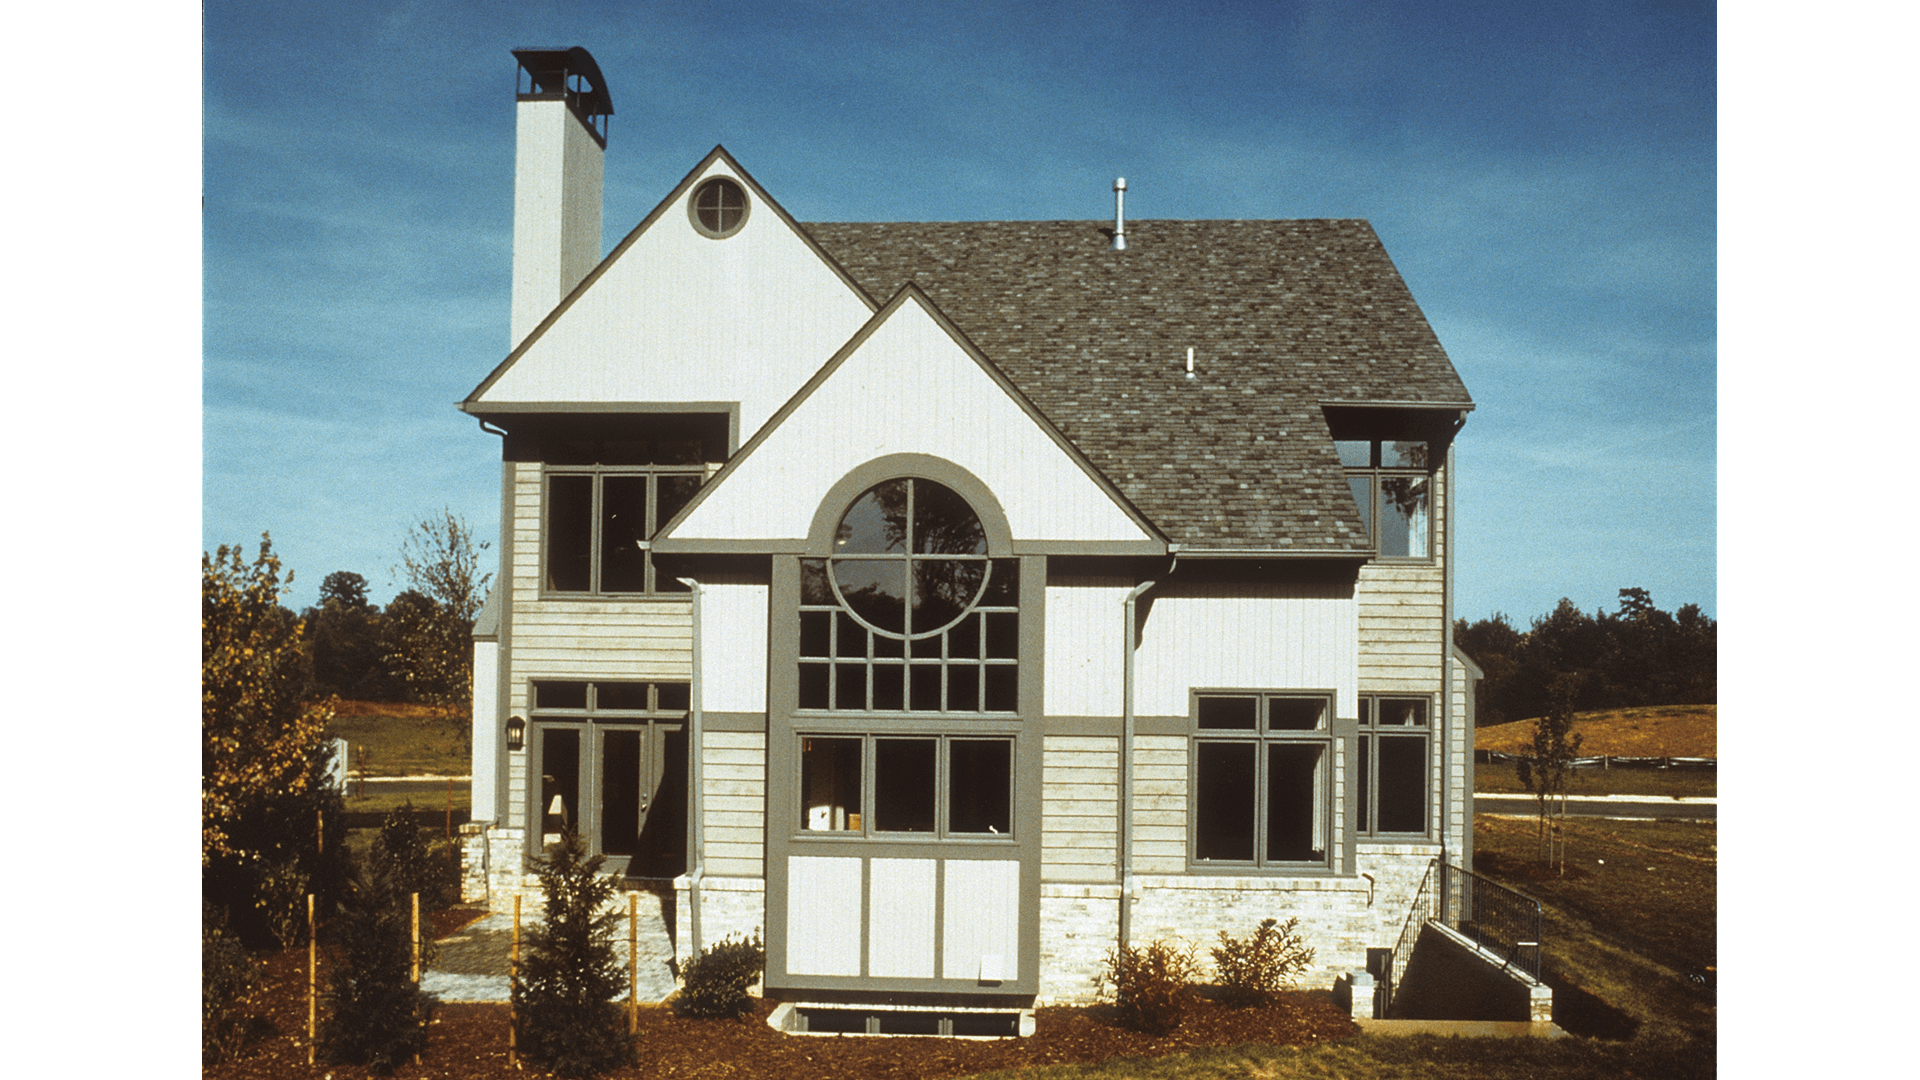 Exterior from Newport Shores